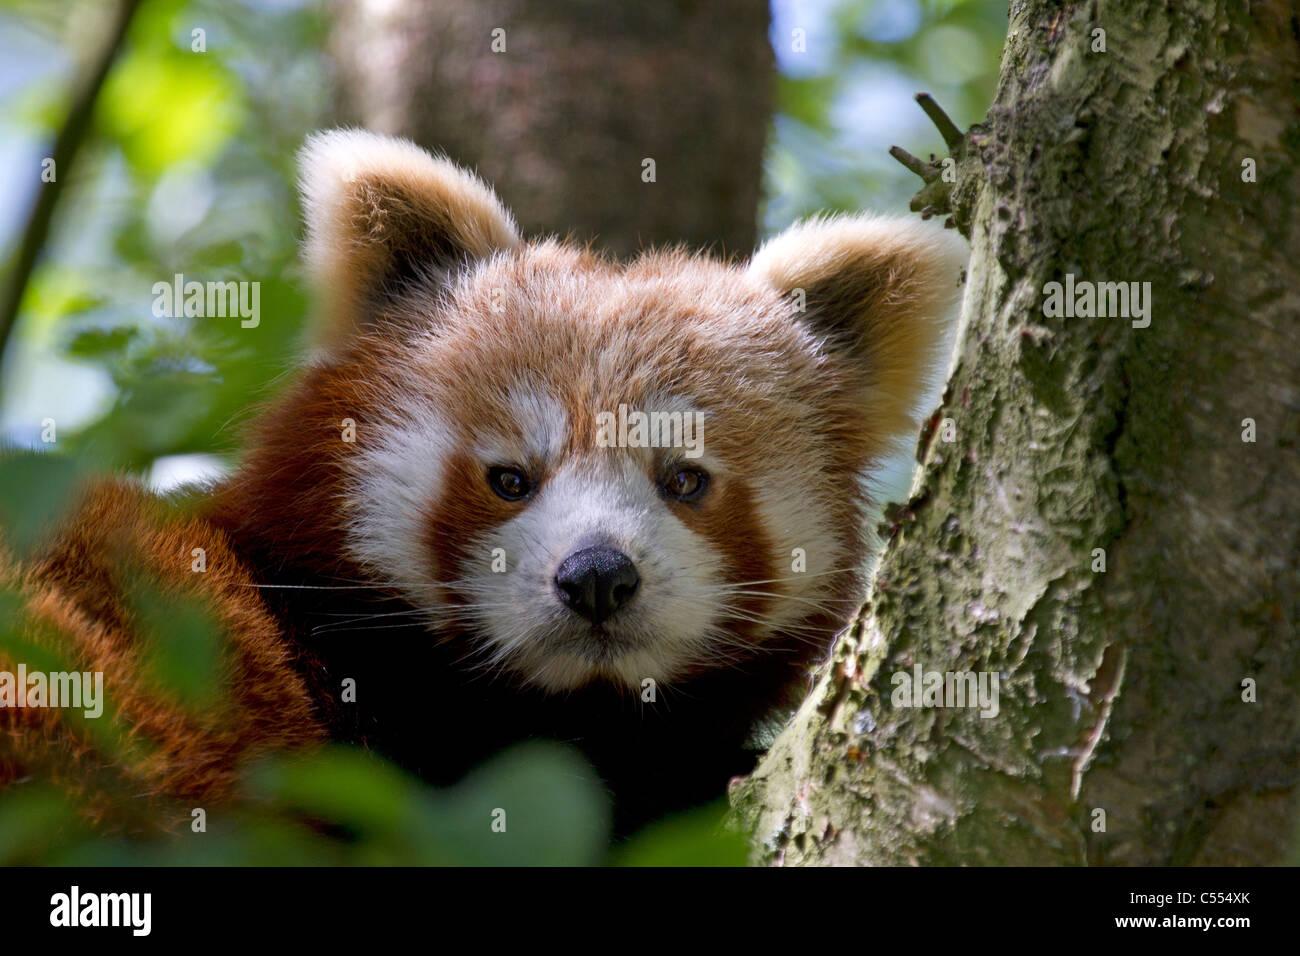 Le panda rouge, Ailurus fulgens repose dans l'arbre Banque D'Images